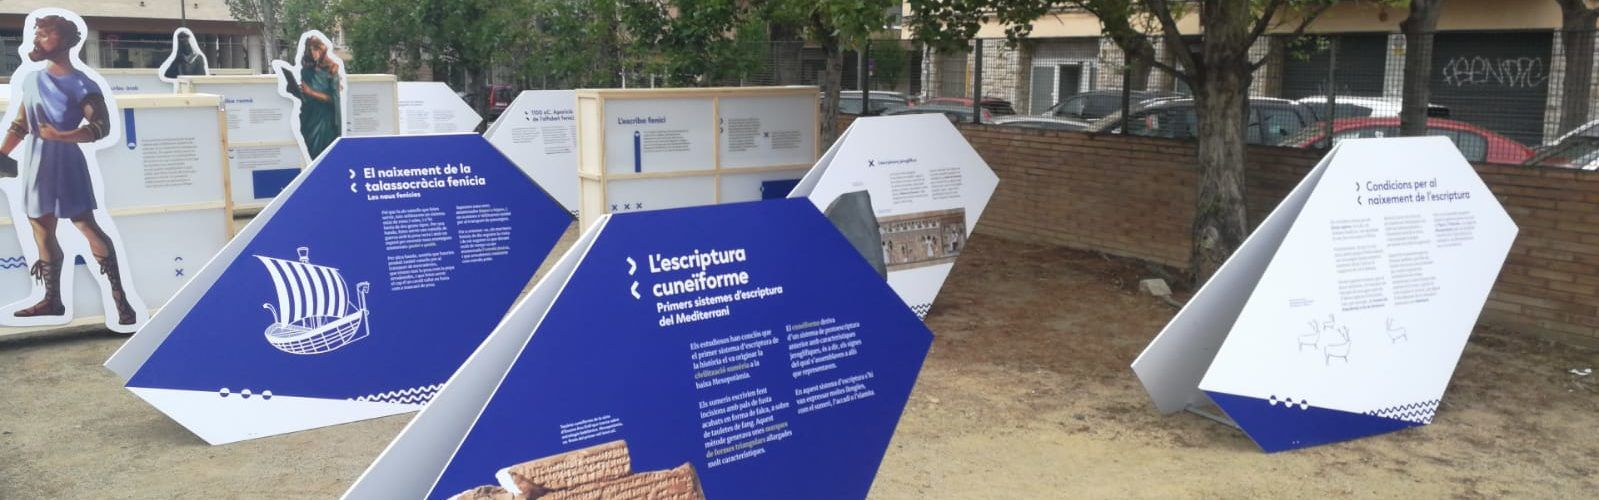 Exposició sobre l'origen de l'alfabet amb motiu de Sant Jordi